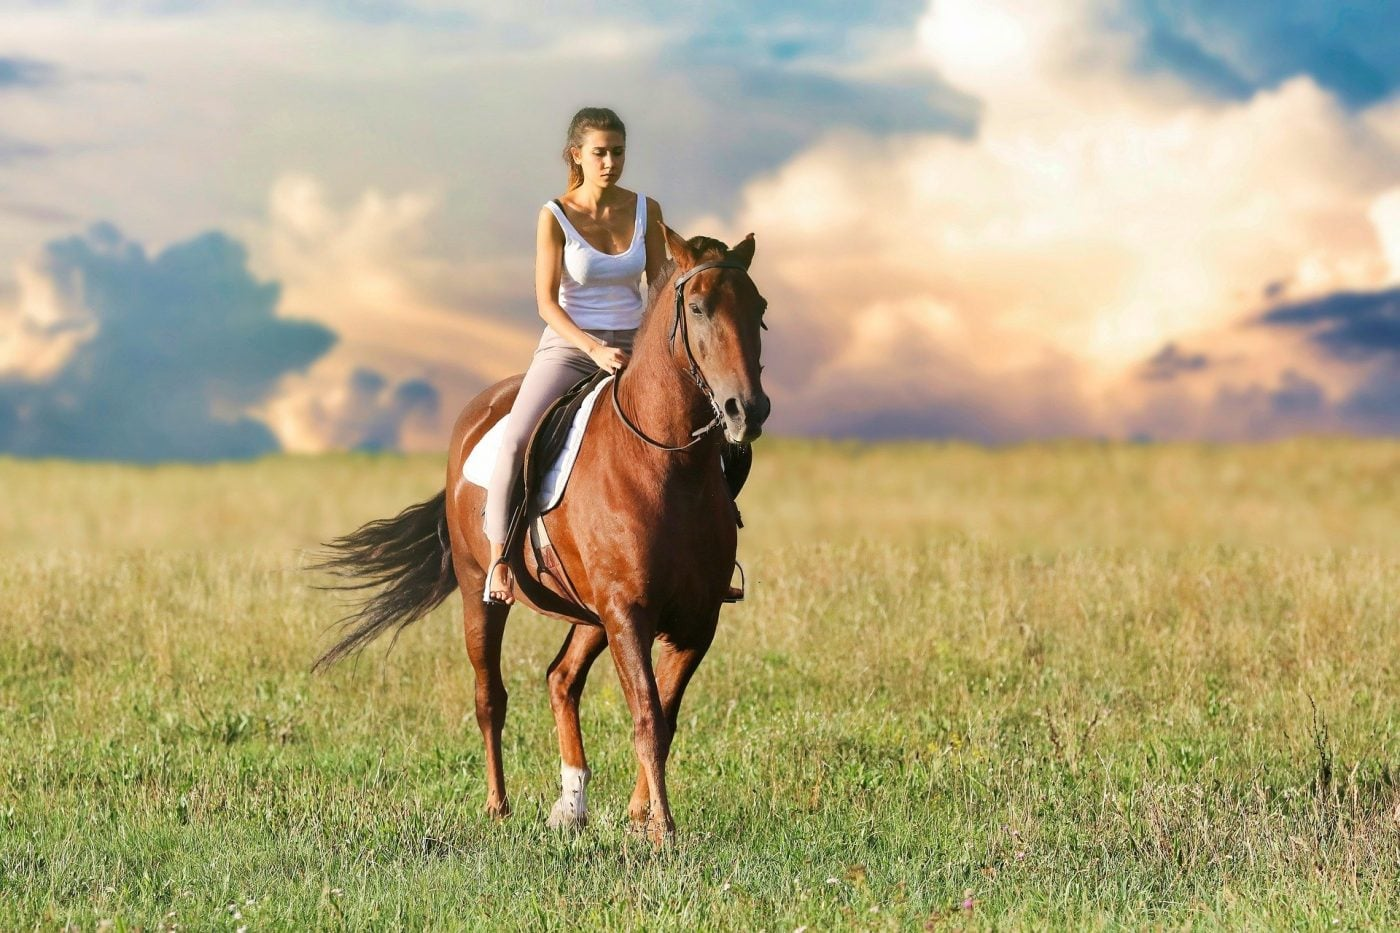 bild anwendungsgebiet ausritte gps tracker pferd 1400x933 - AG GPS Tracker für Pferde